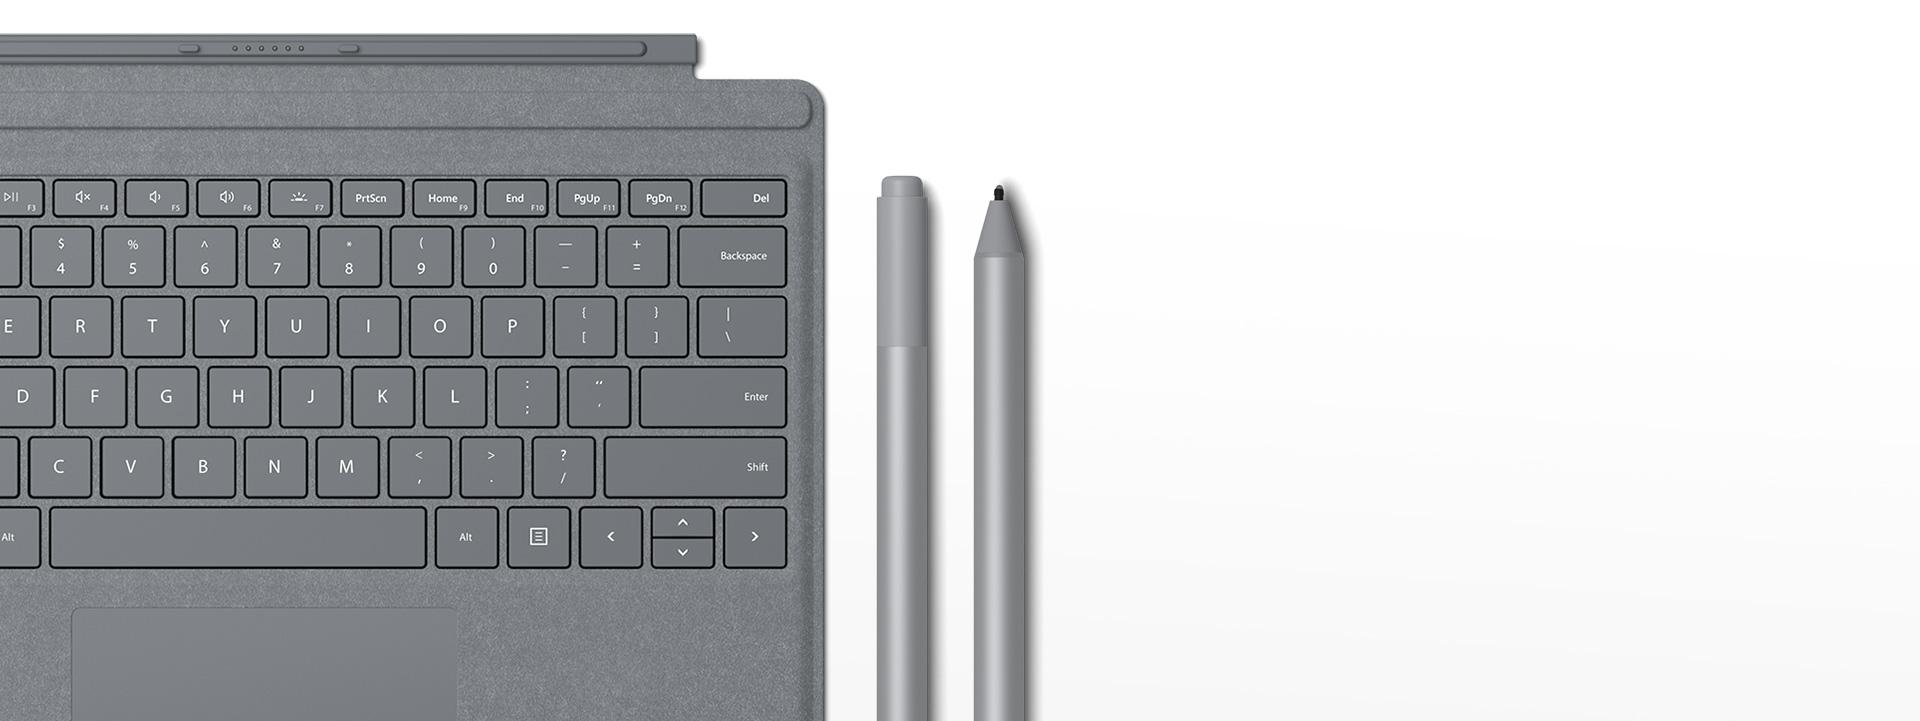 Surface Pro Type Cover, Surface-penna, Sats med uddar för Surface-pennan